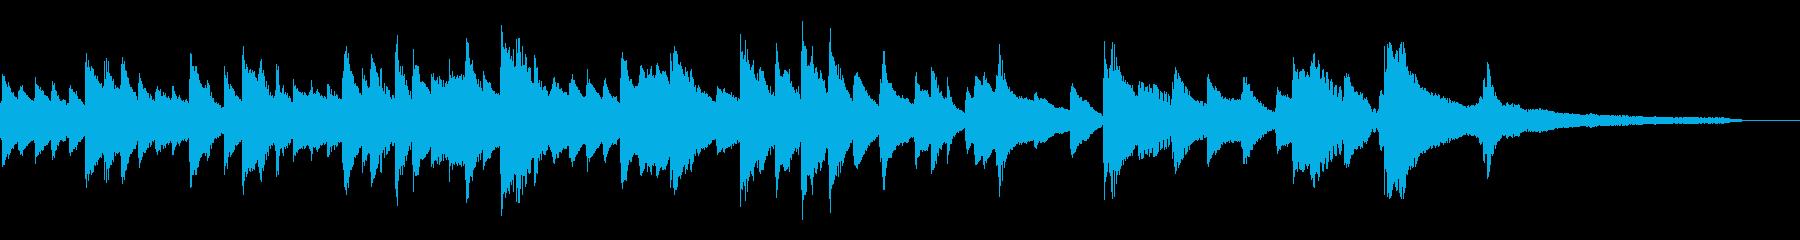 切なくも前向きなピアノのジングルの再生済みの波形